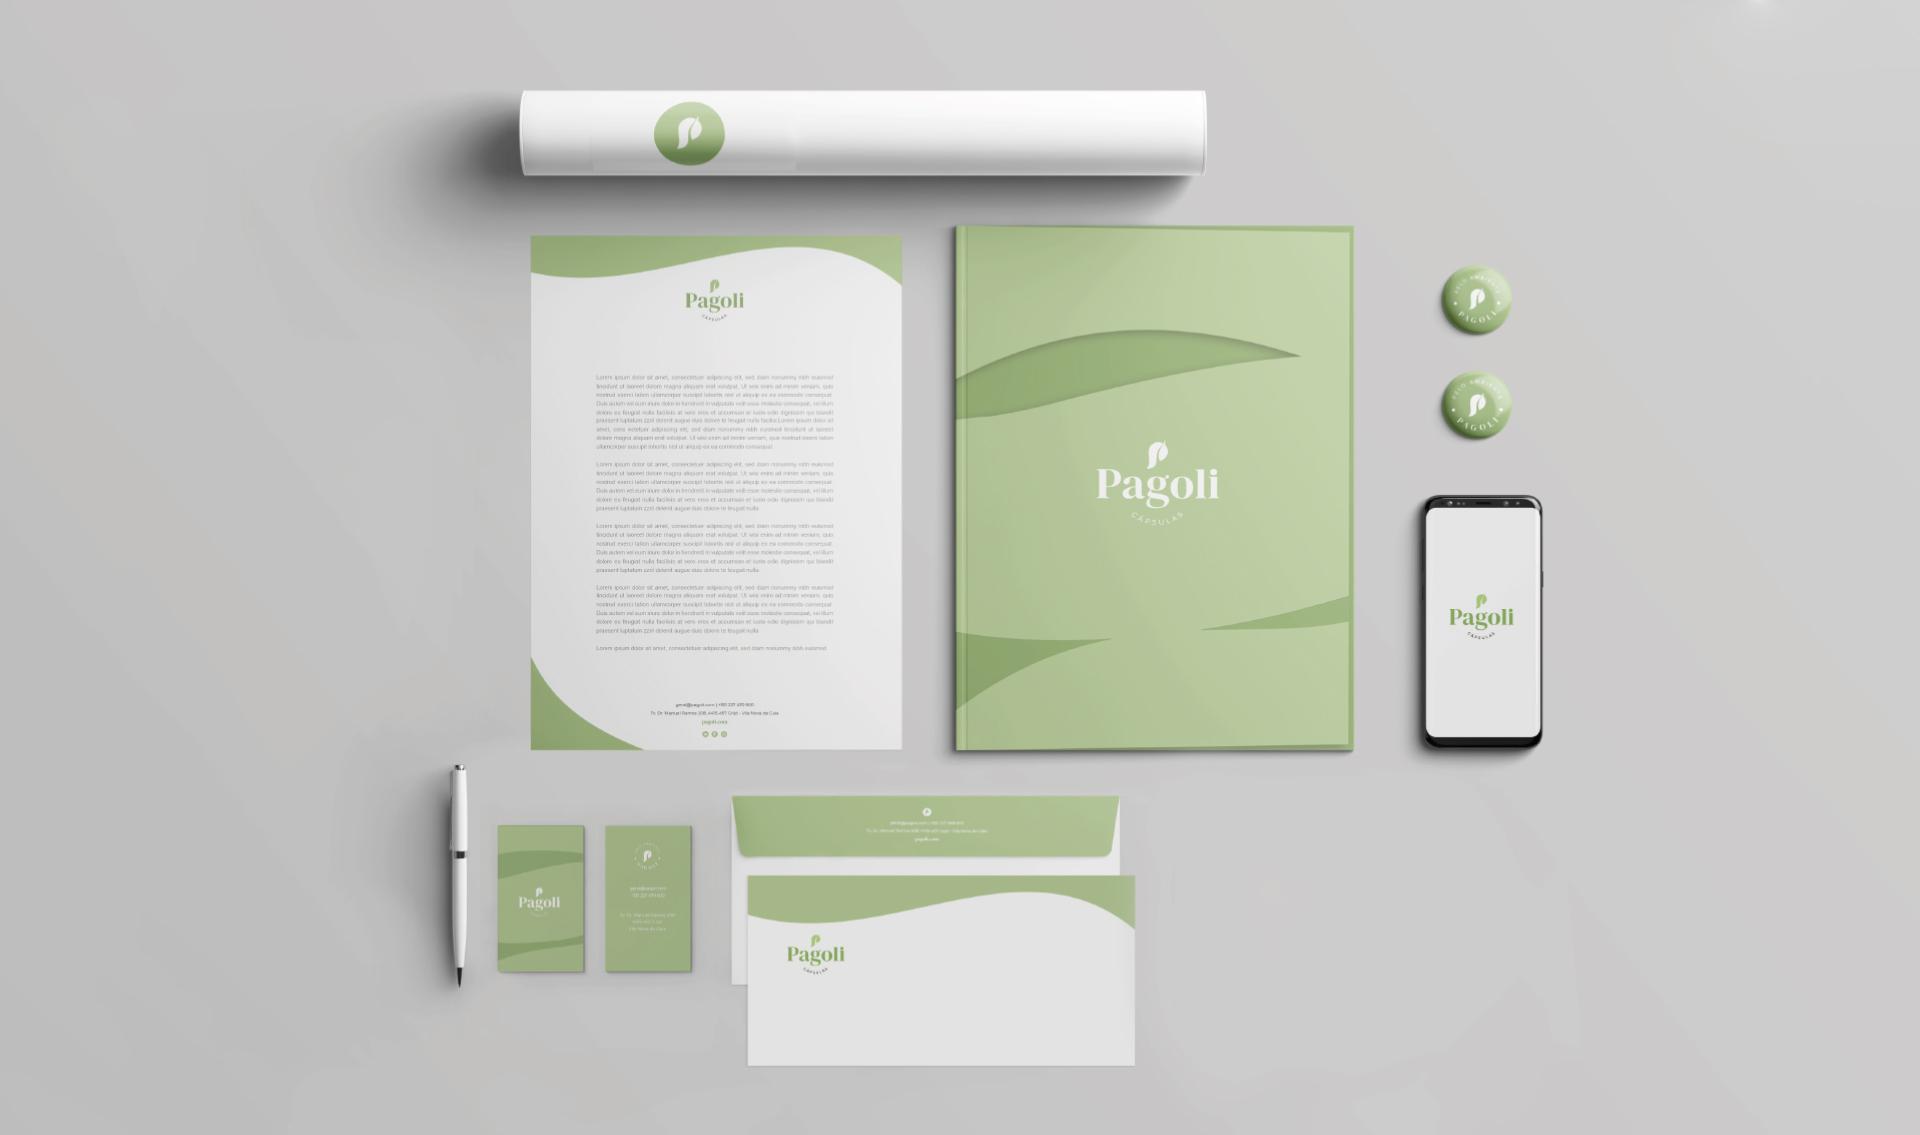 Estacionário da Pagoli com papel de carta, cartão de visita, envelope, capa de documentos, caneta e cápsulas